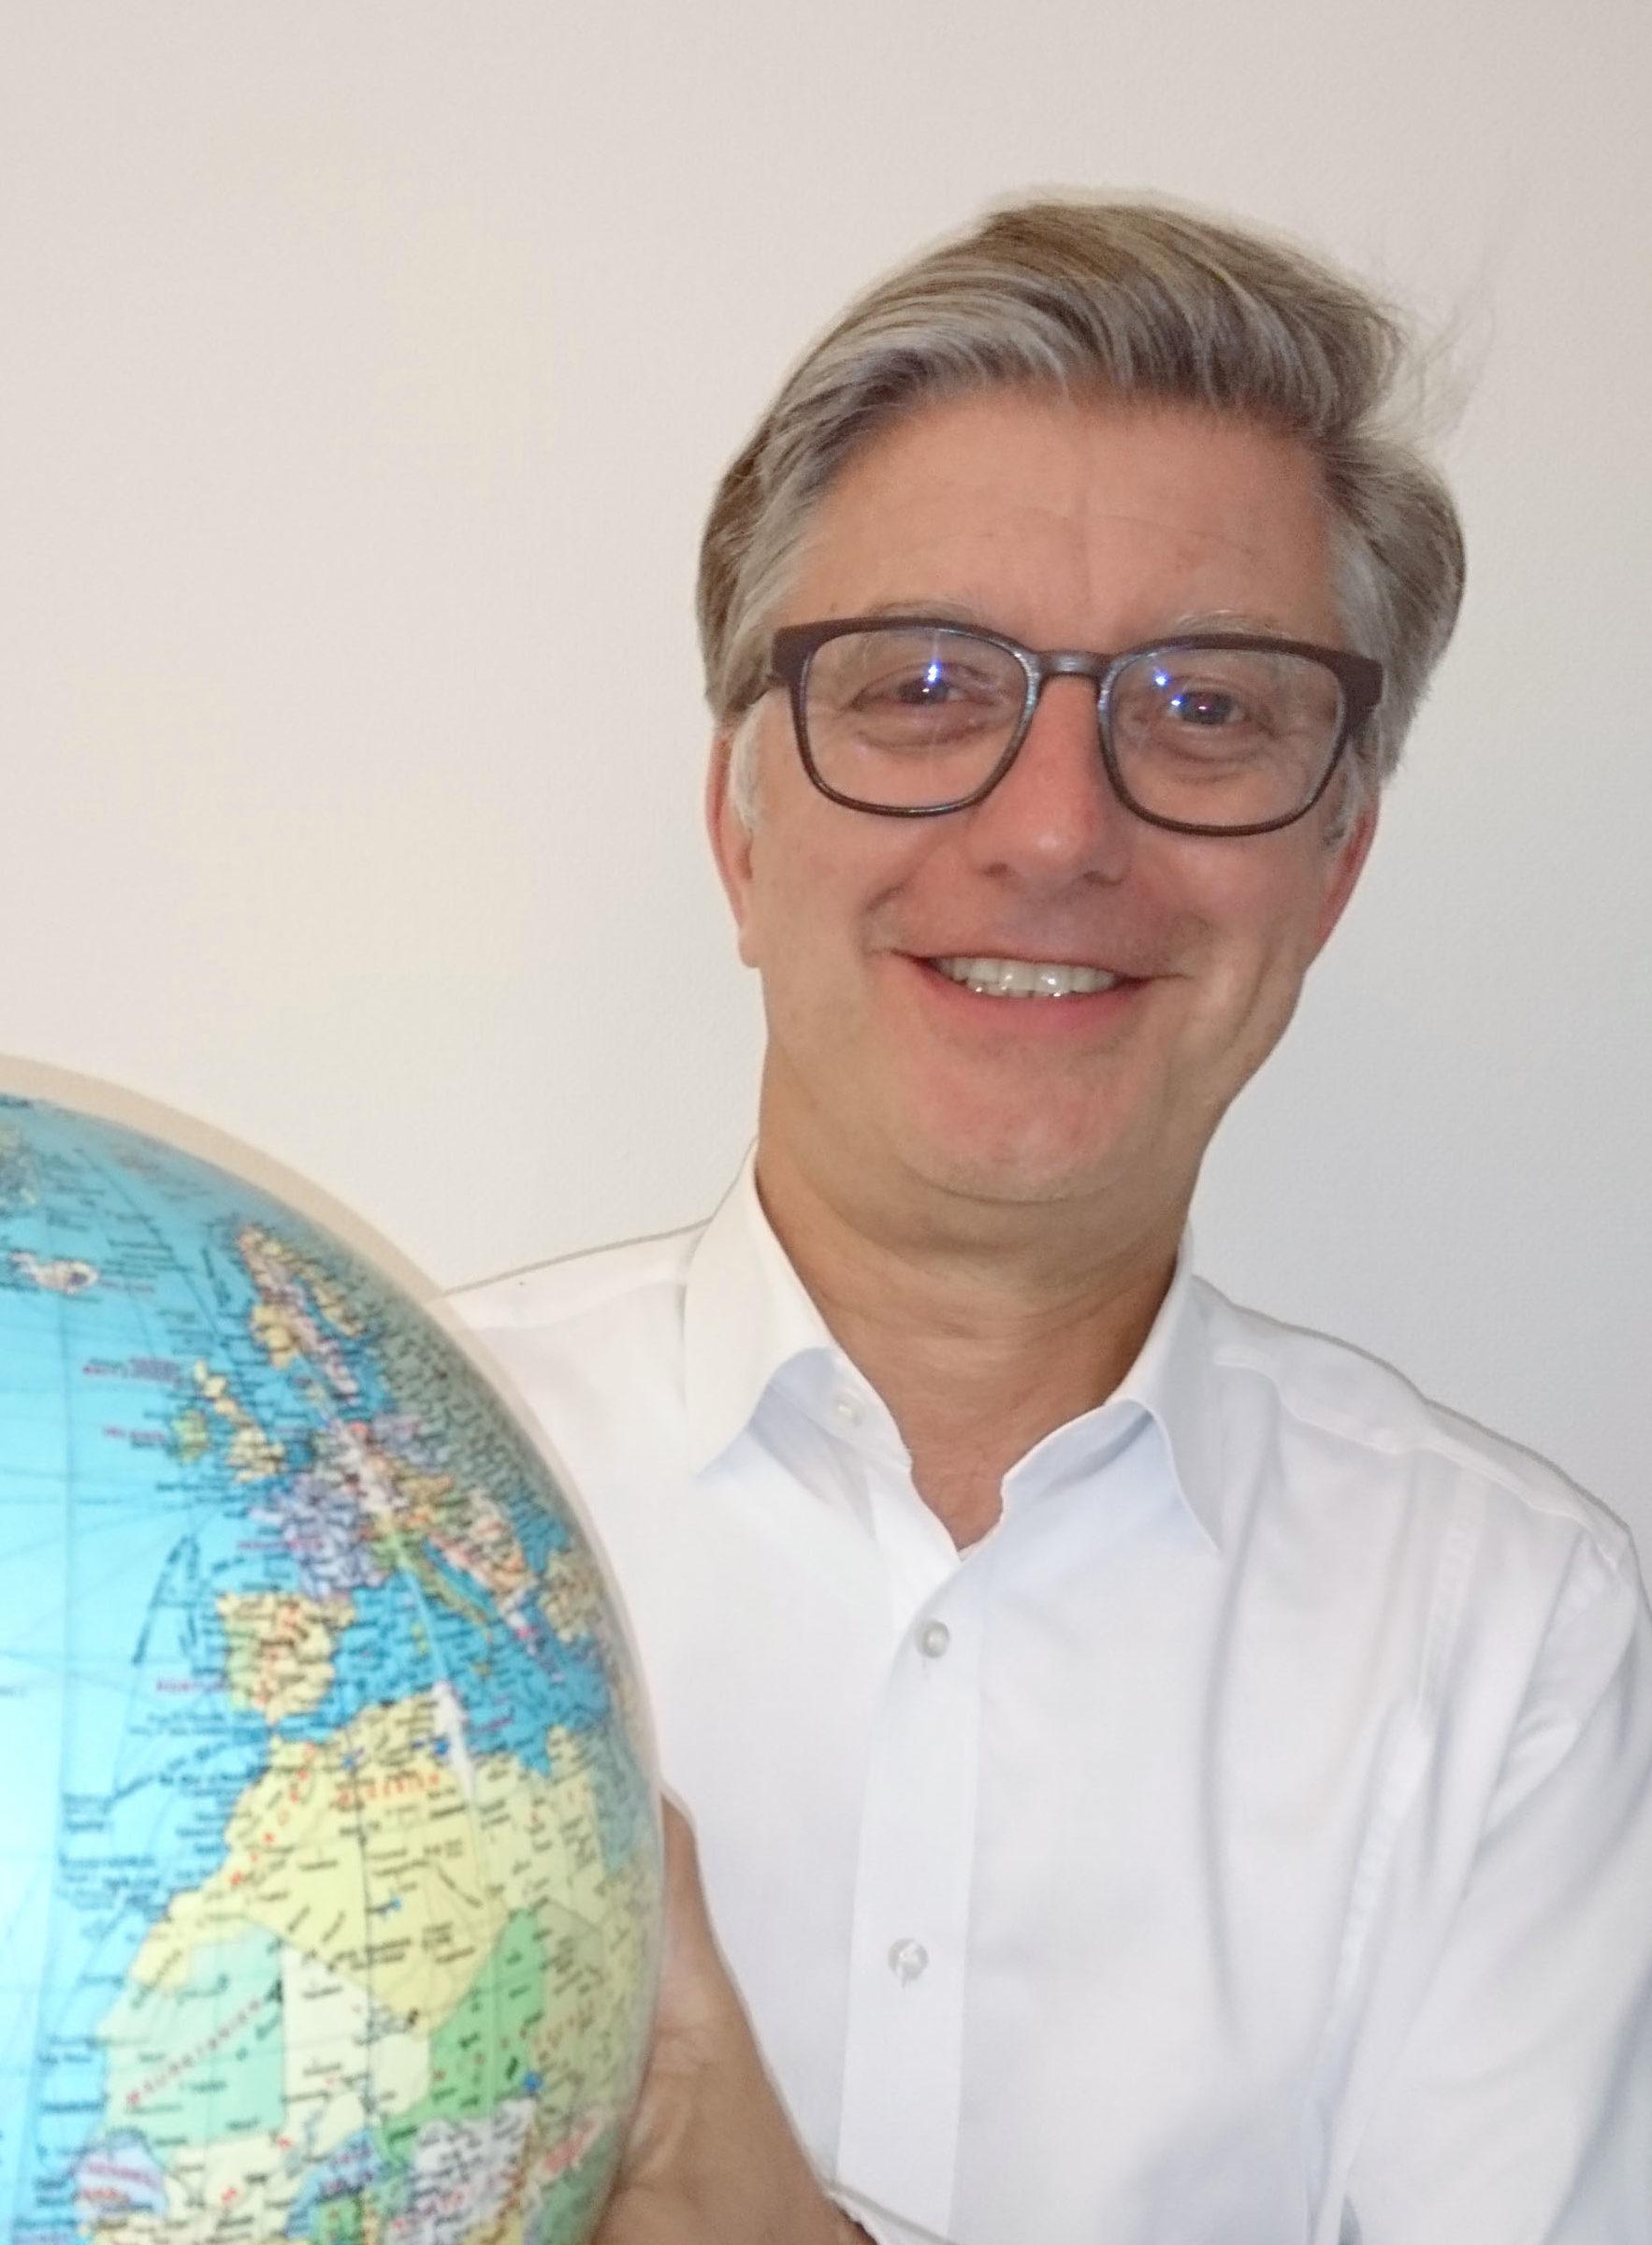 DR. ARMIN GUHL